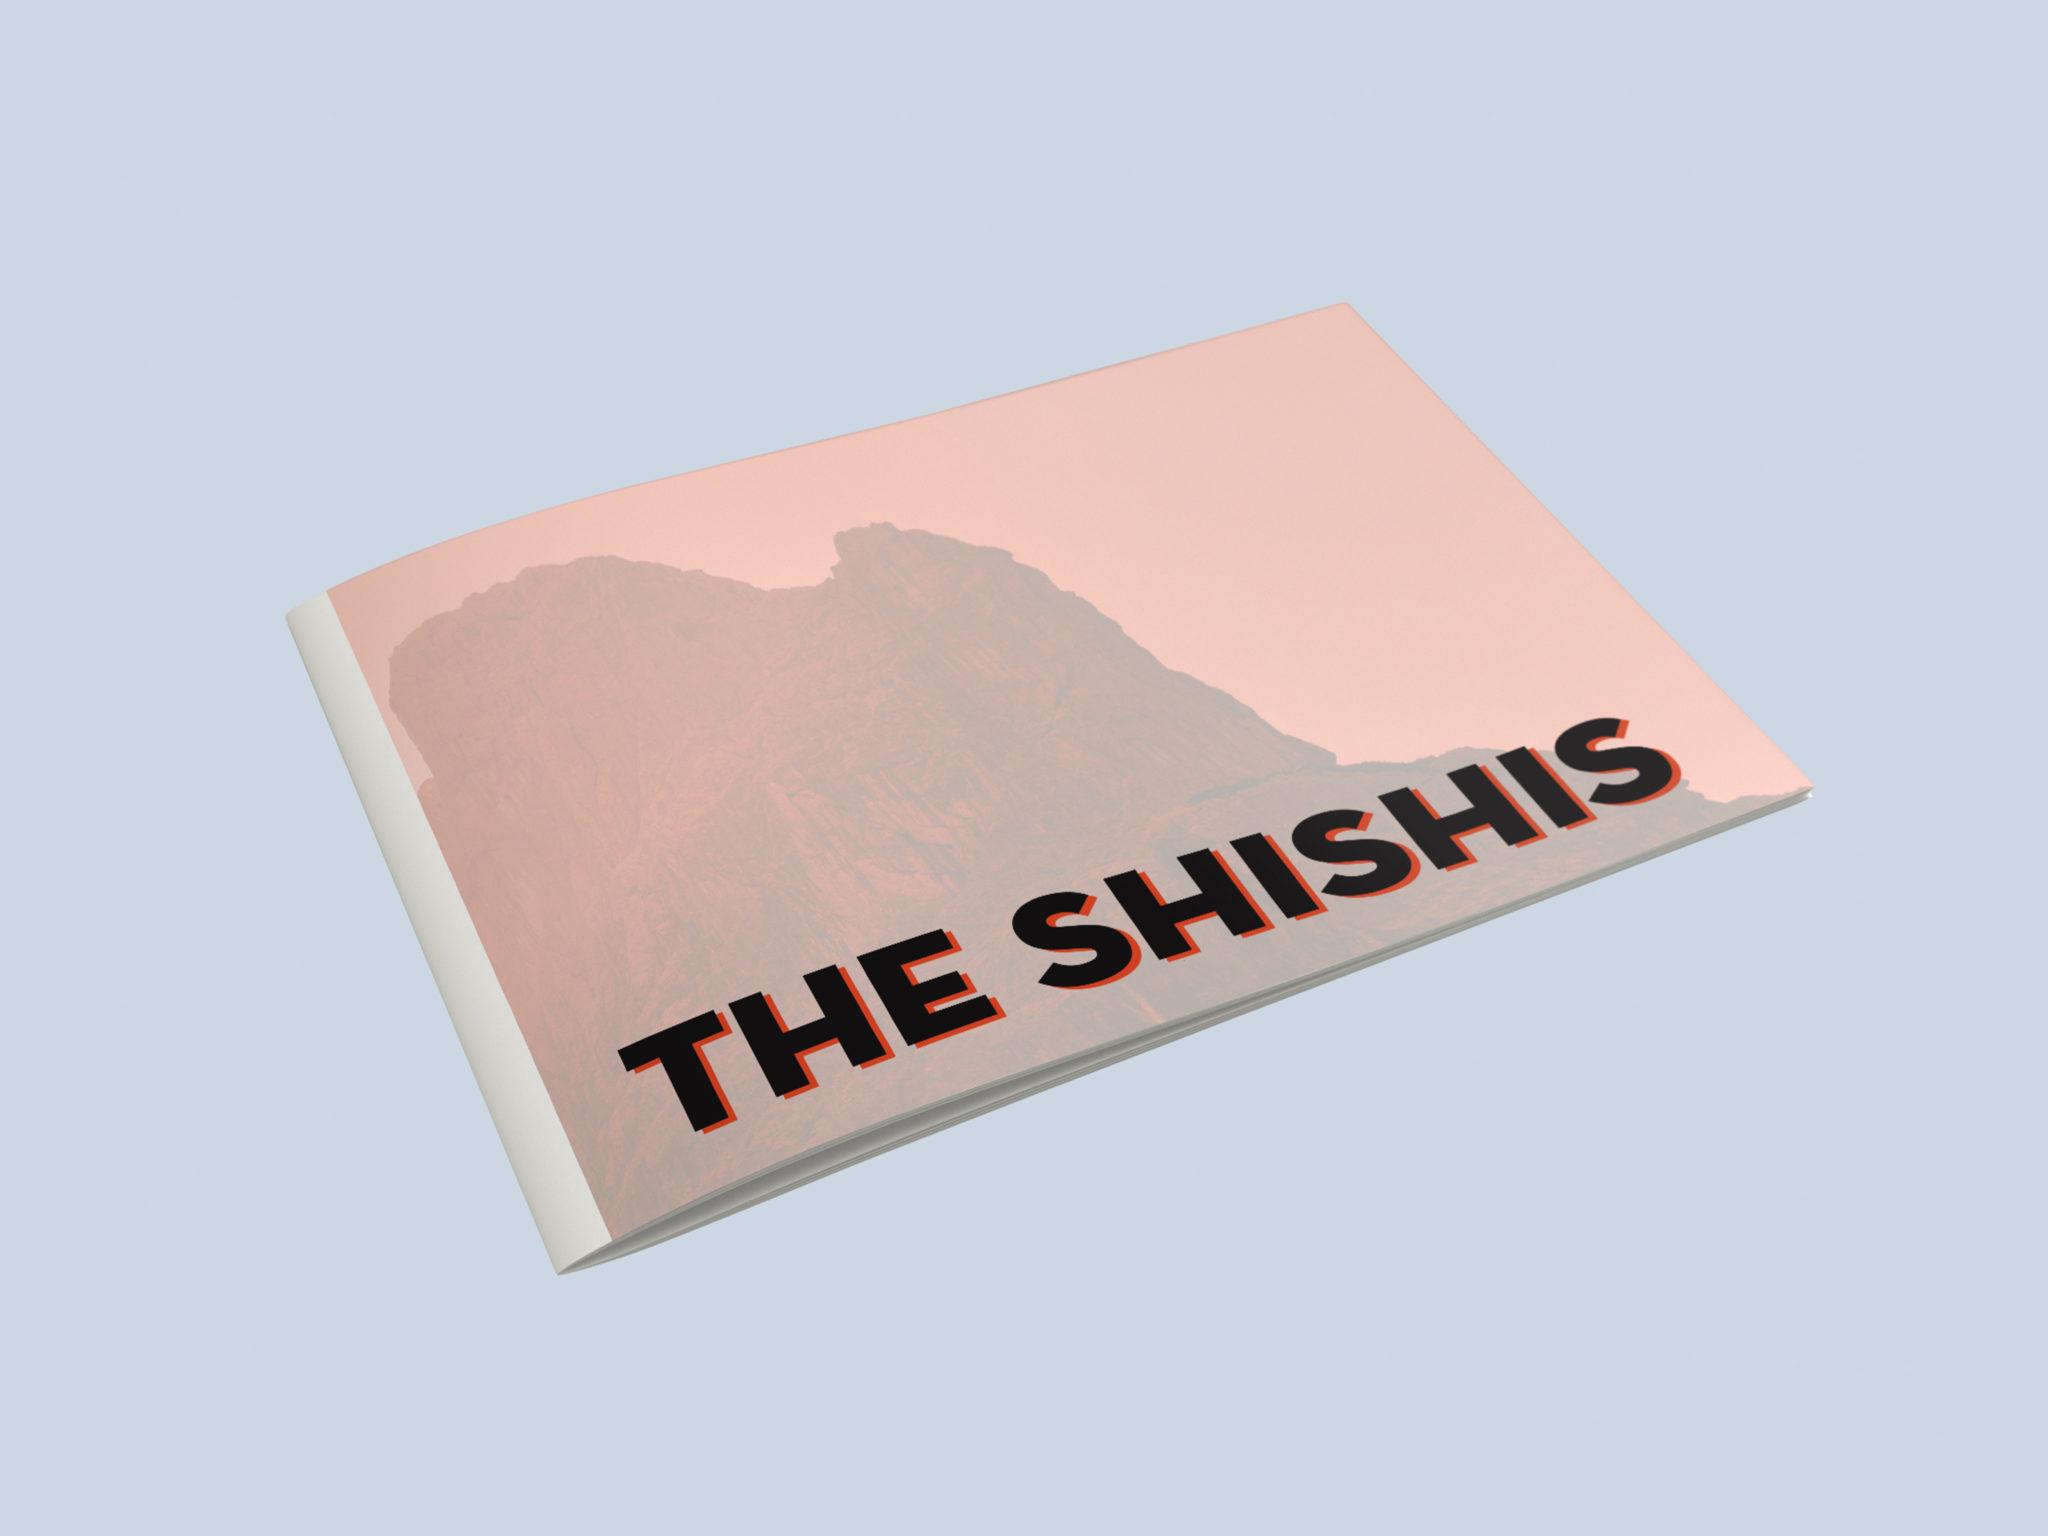 shishis6